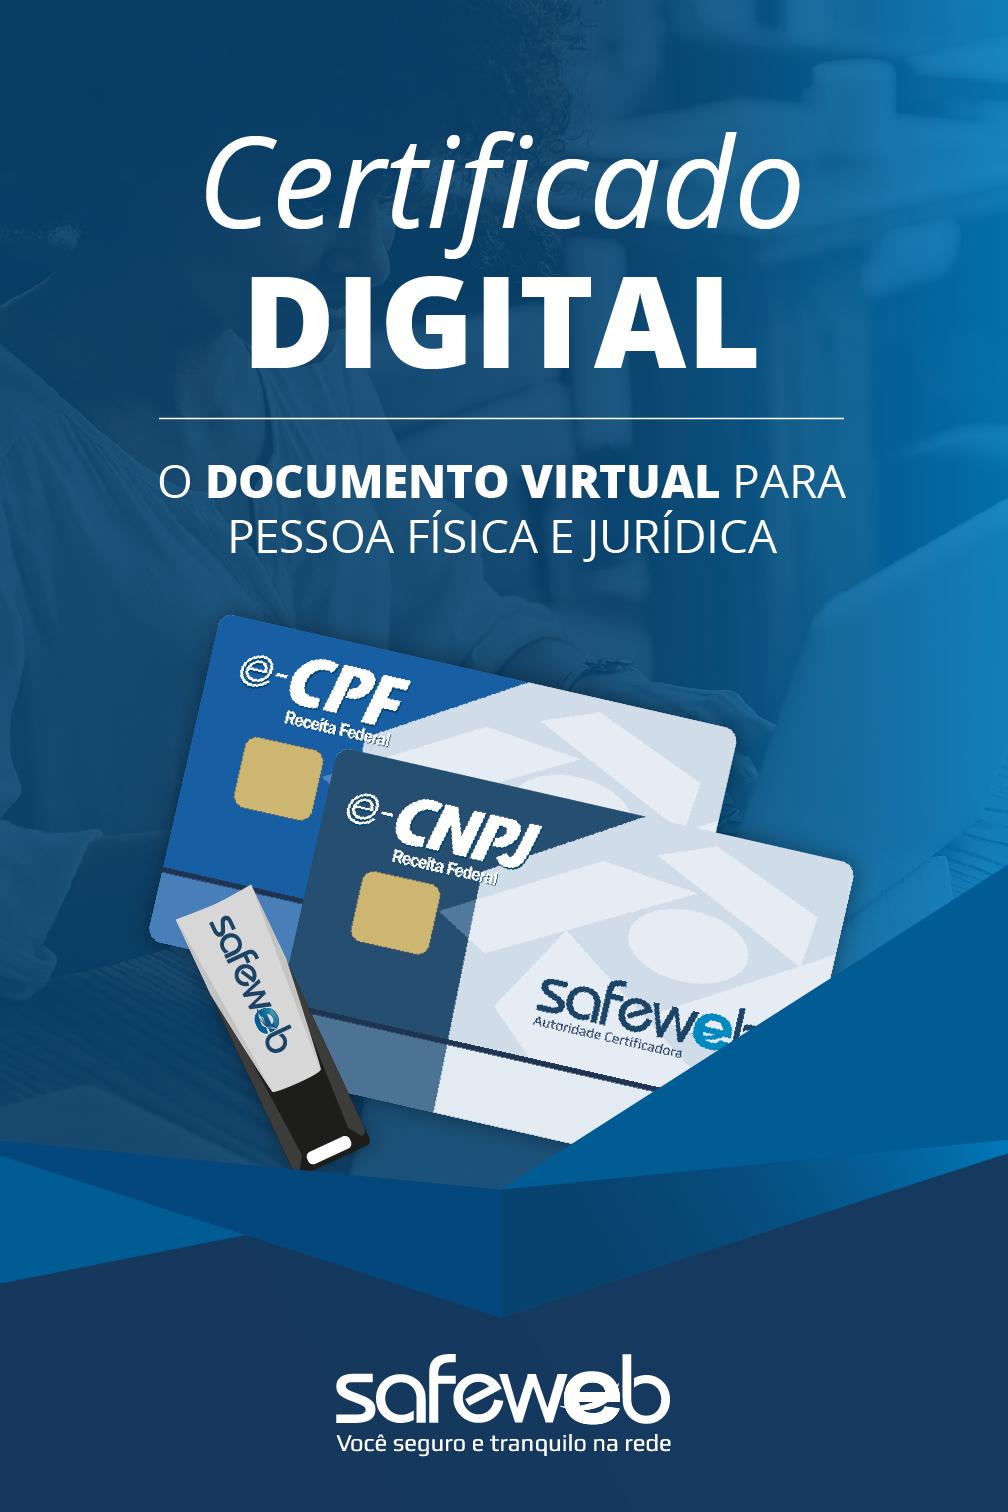 Certificados Digitais Safeweb